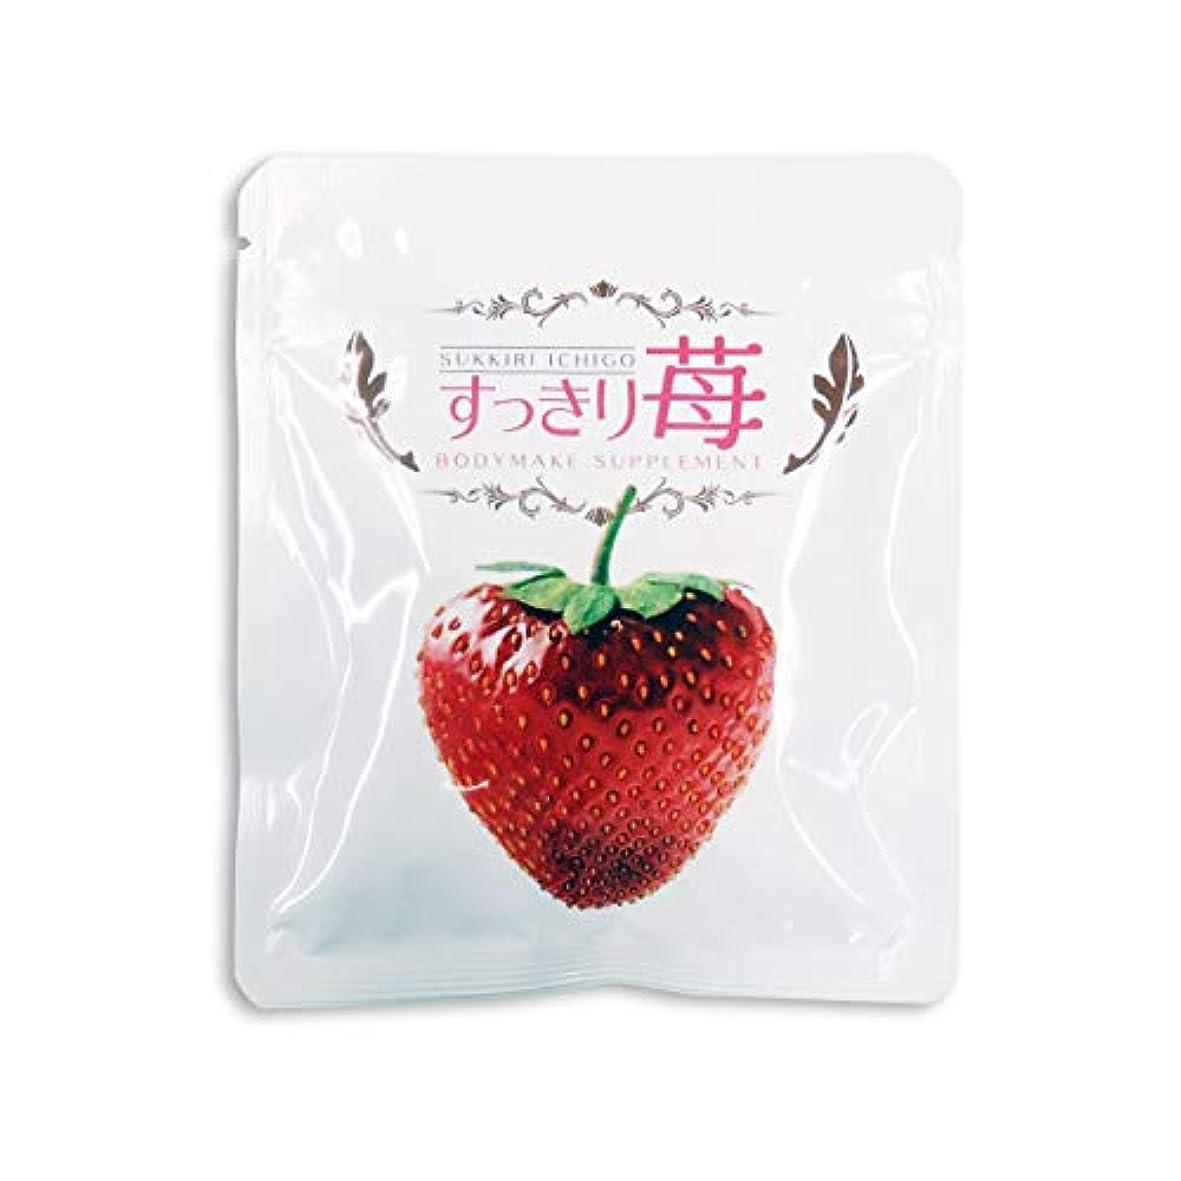 ハードウェアエキスロープすっきり苺 ダイエタリーサプリメント